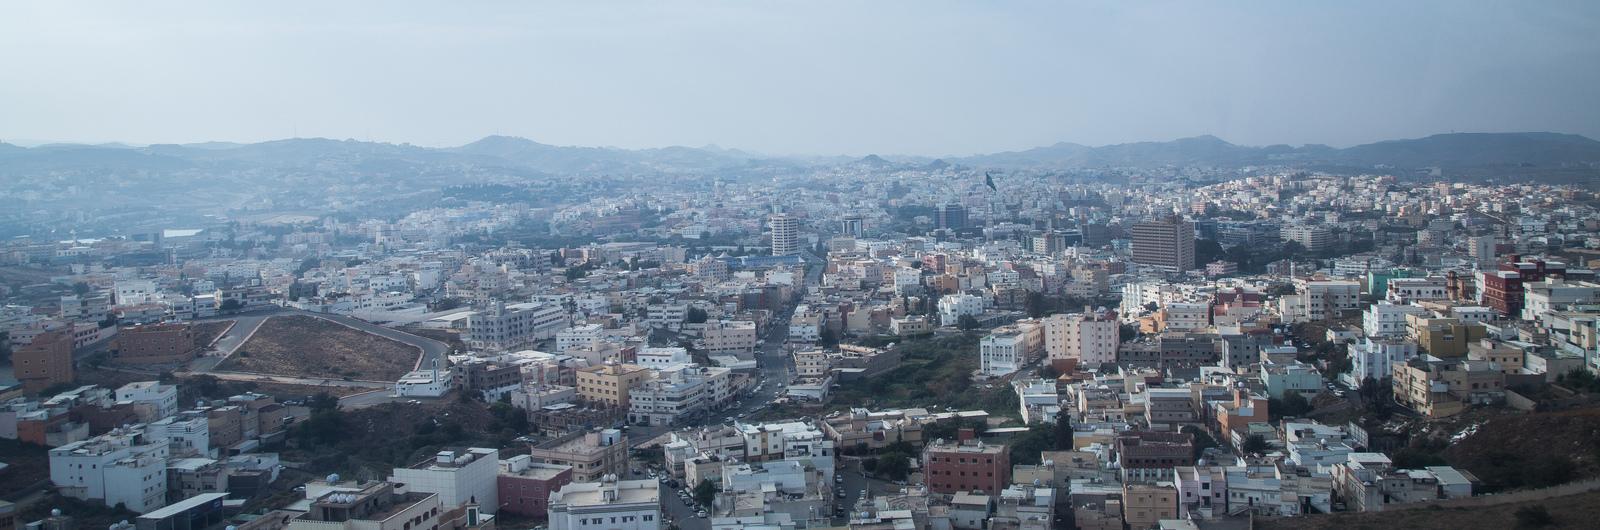 abha city header 1